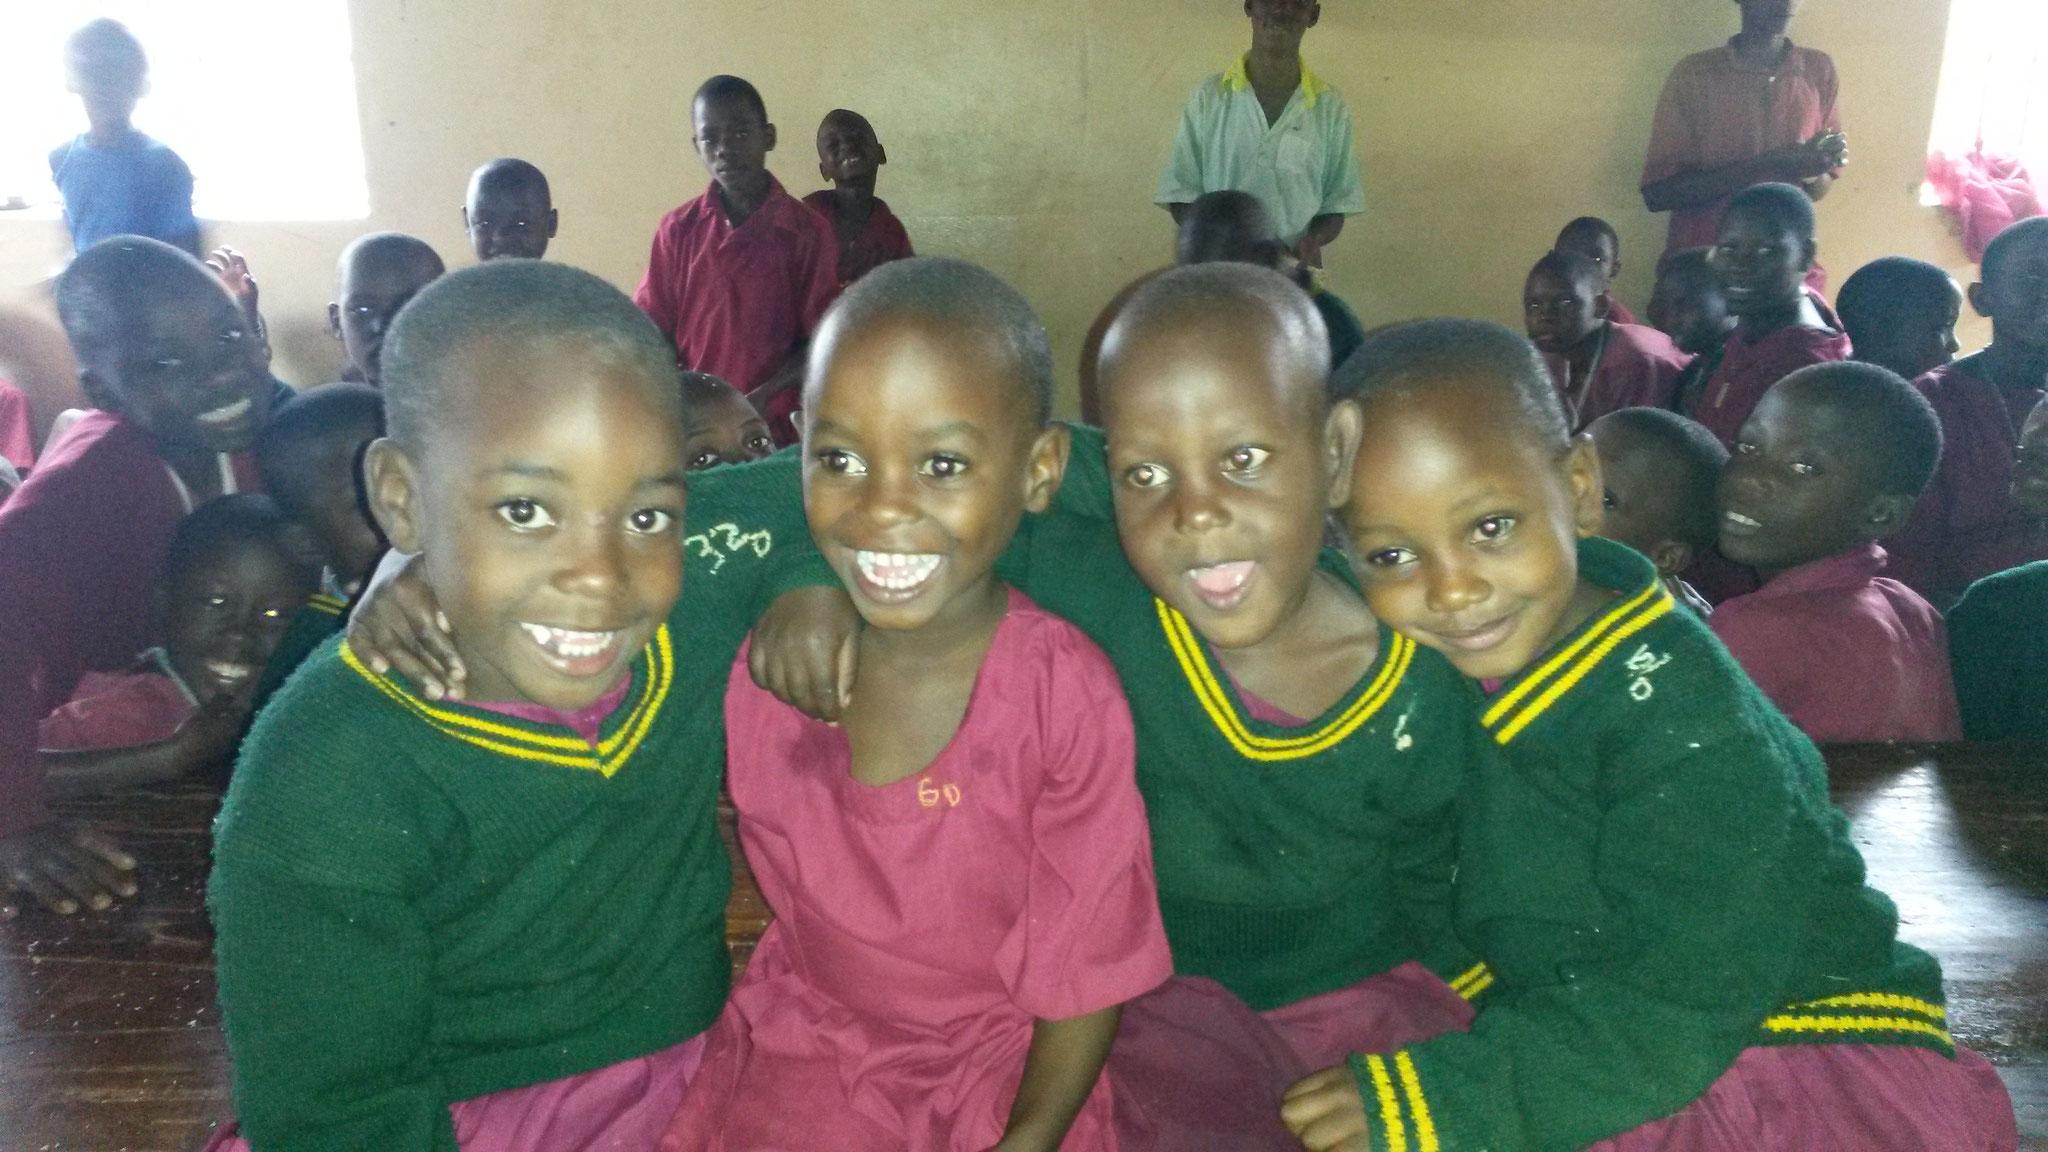 Justine, Patricia, Amina und Praise-Natascha im Speisesaal. Die Kinder im Hintergrund entfernen die Maiskörner von den Maiskolben.